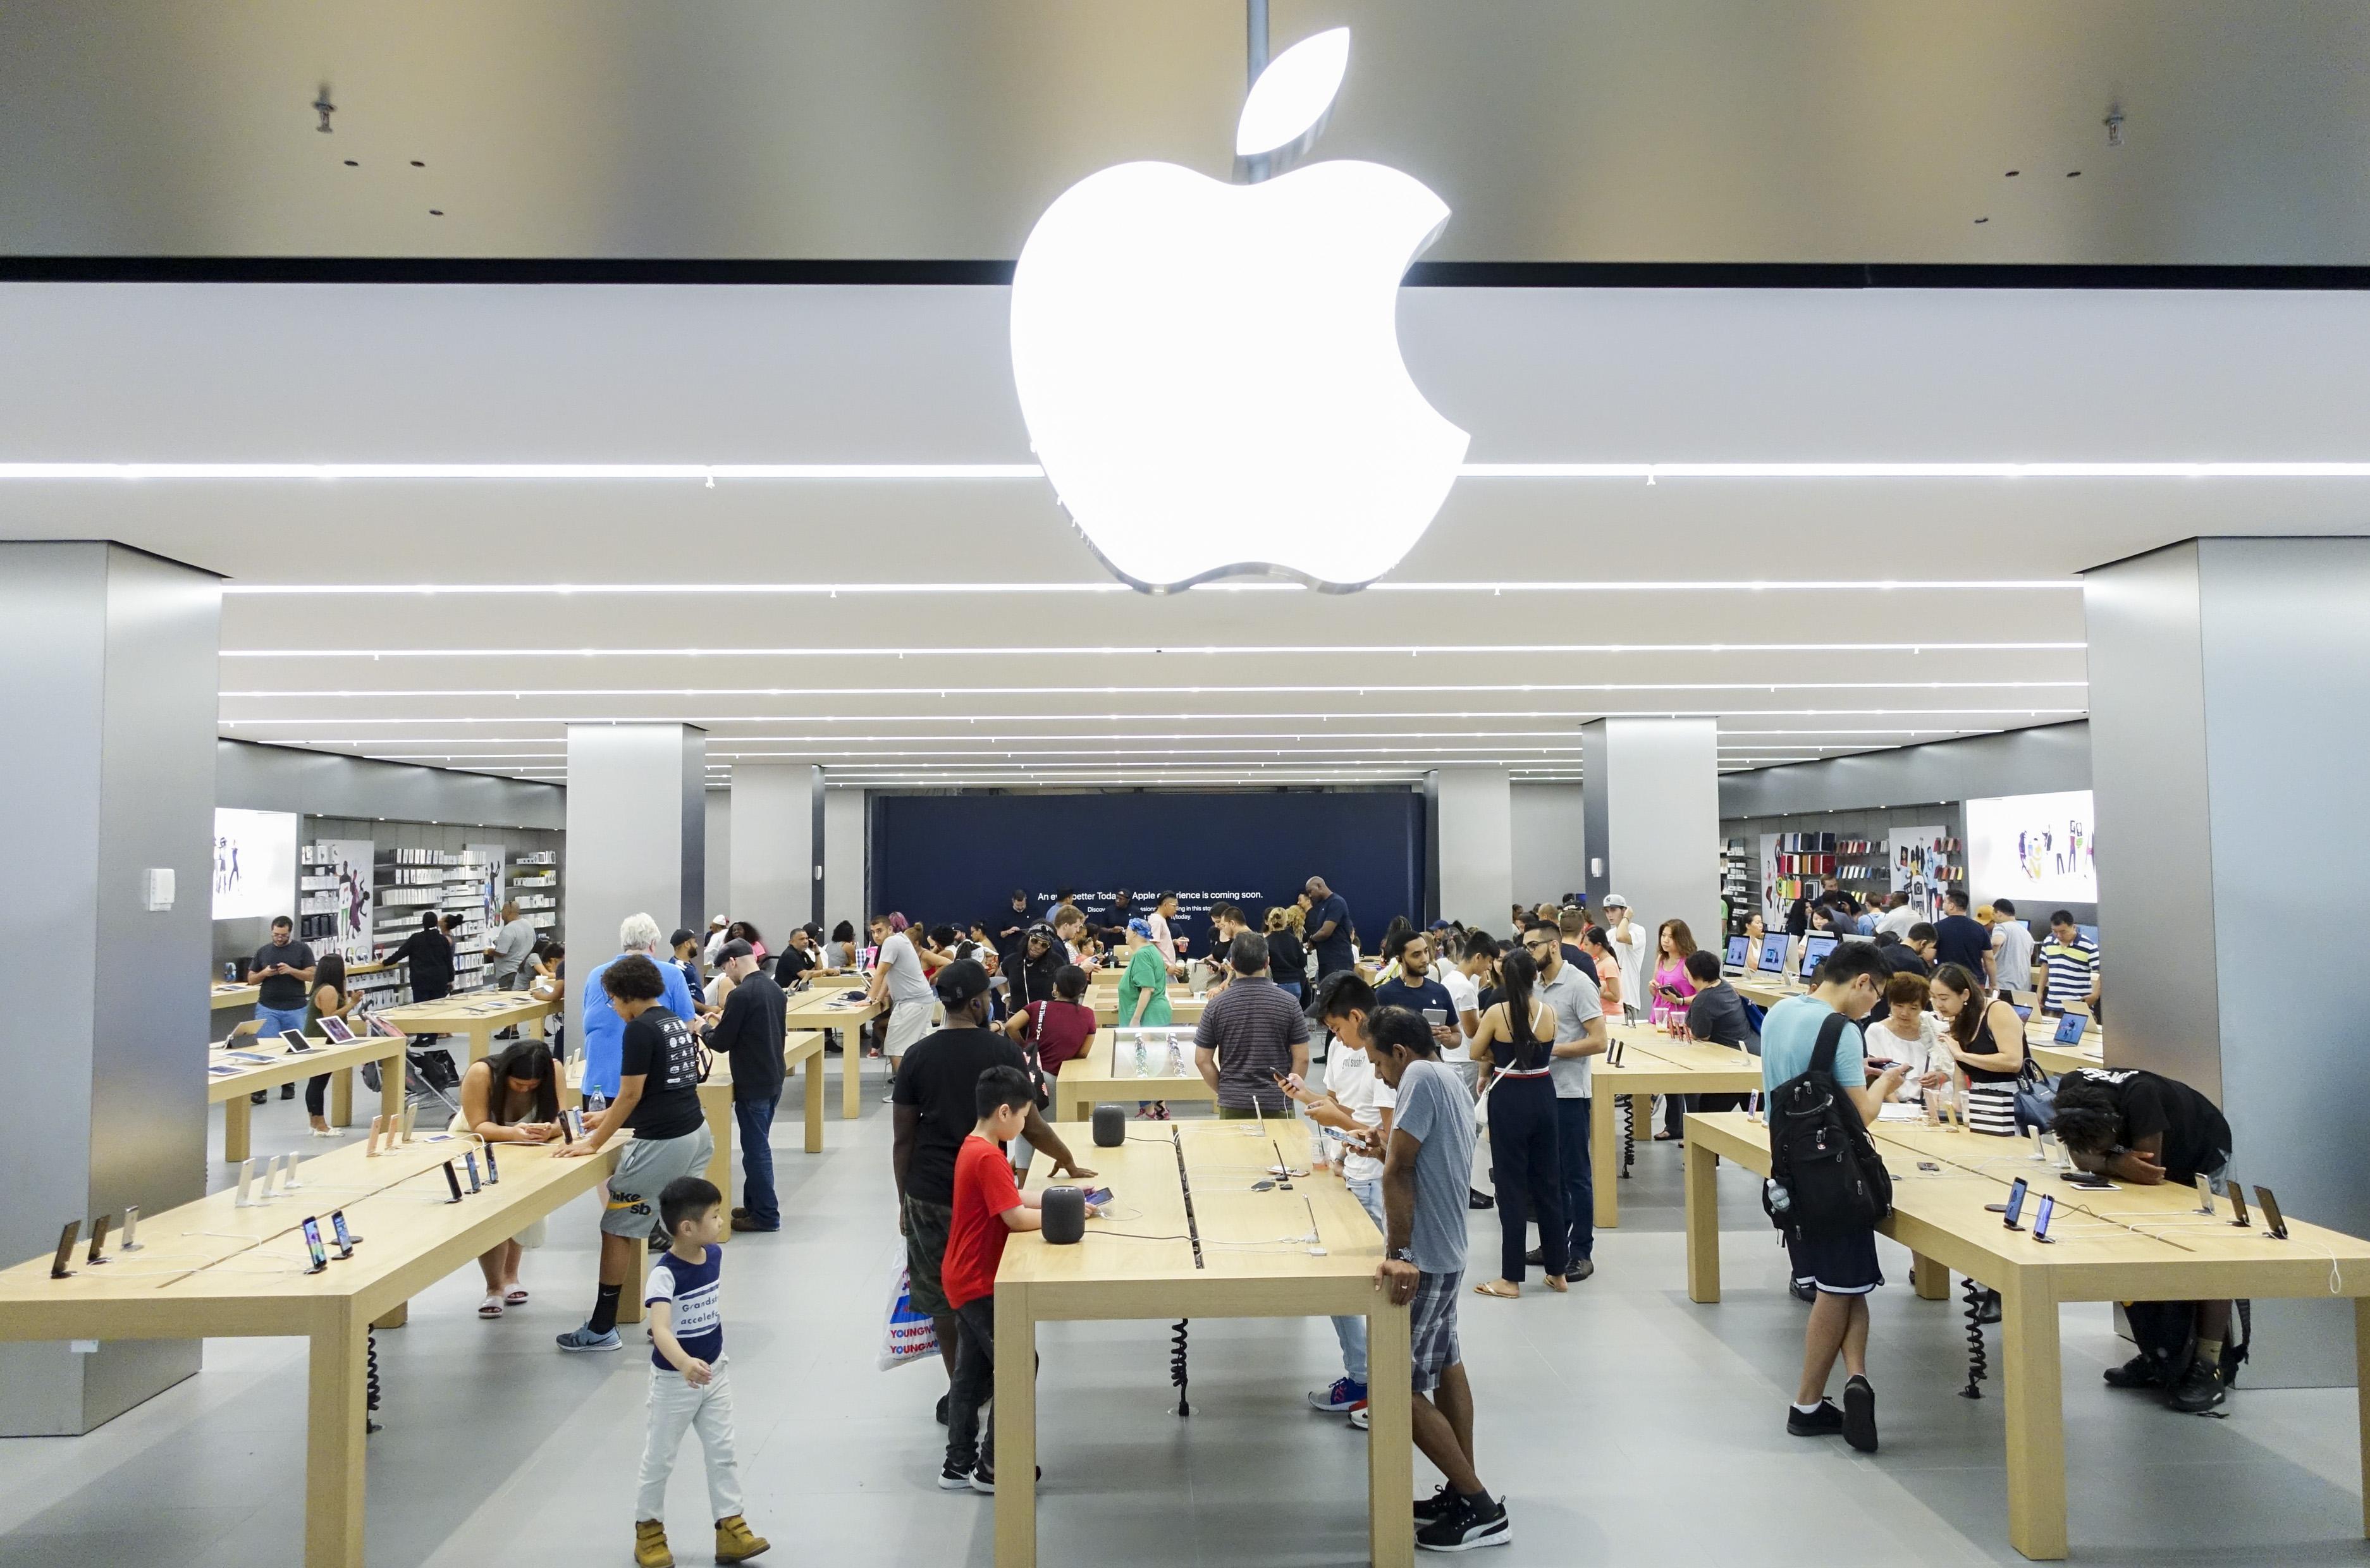 兩周市值蒸發近千億美元 蘋果光環正在褪去